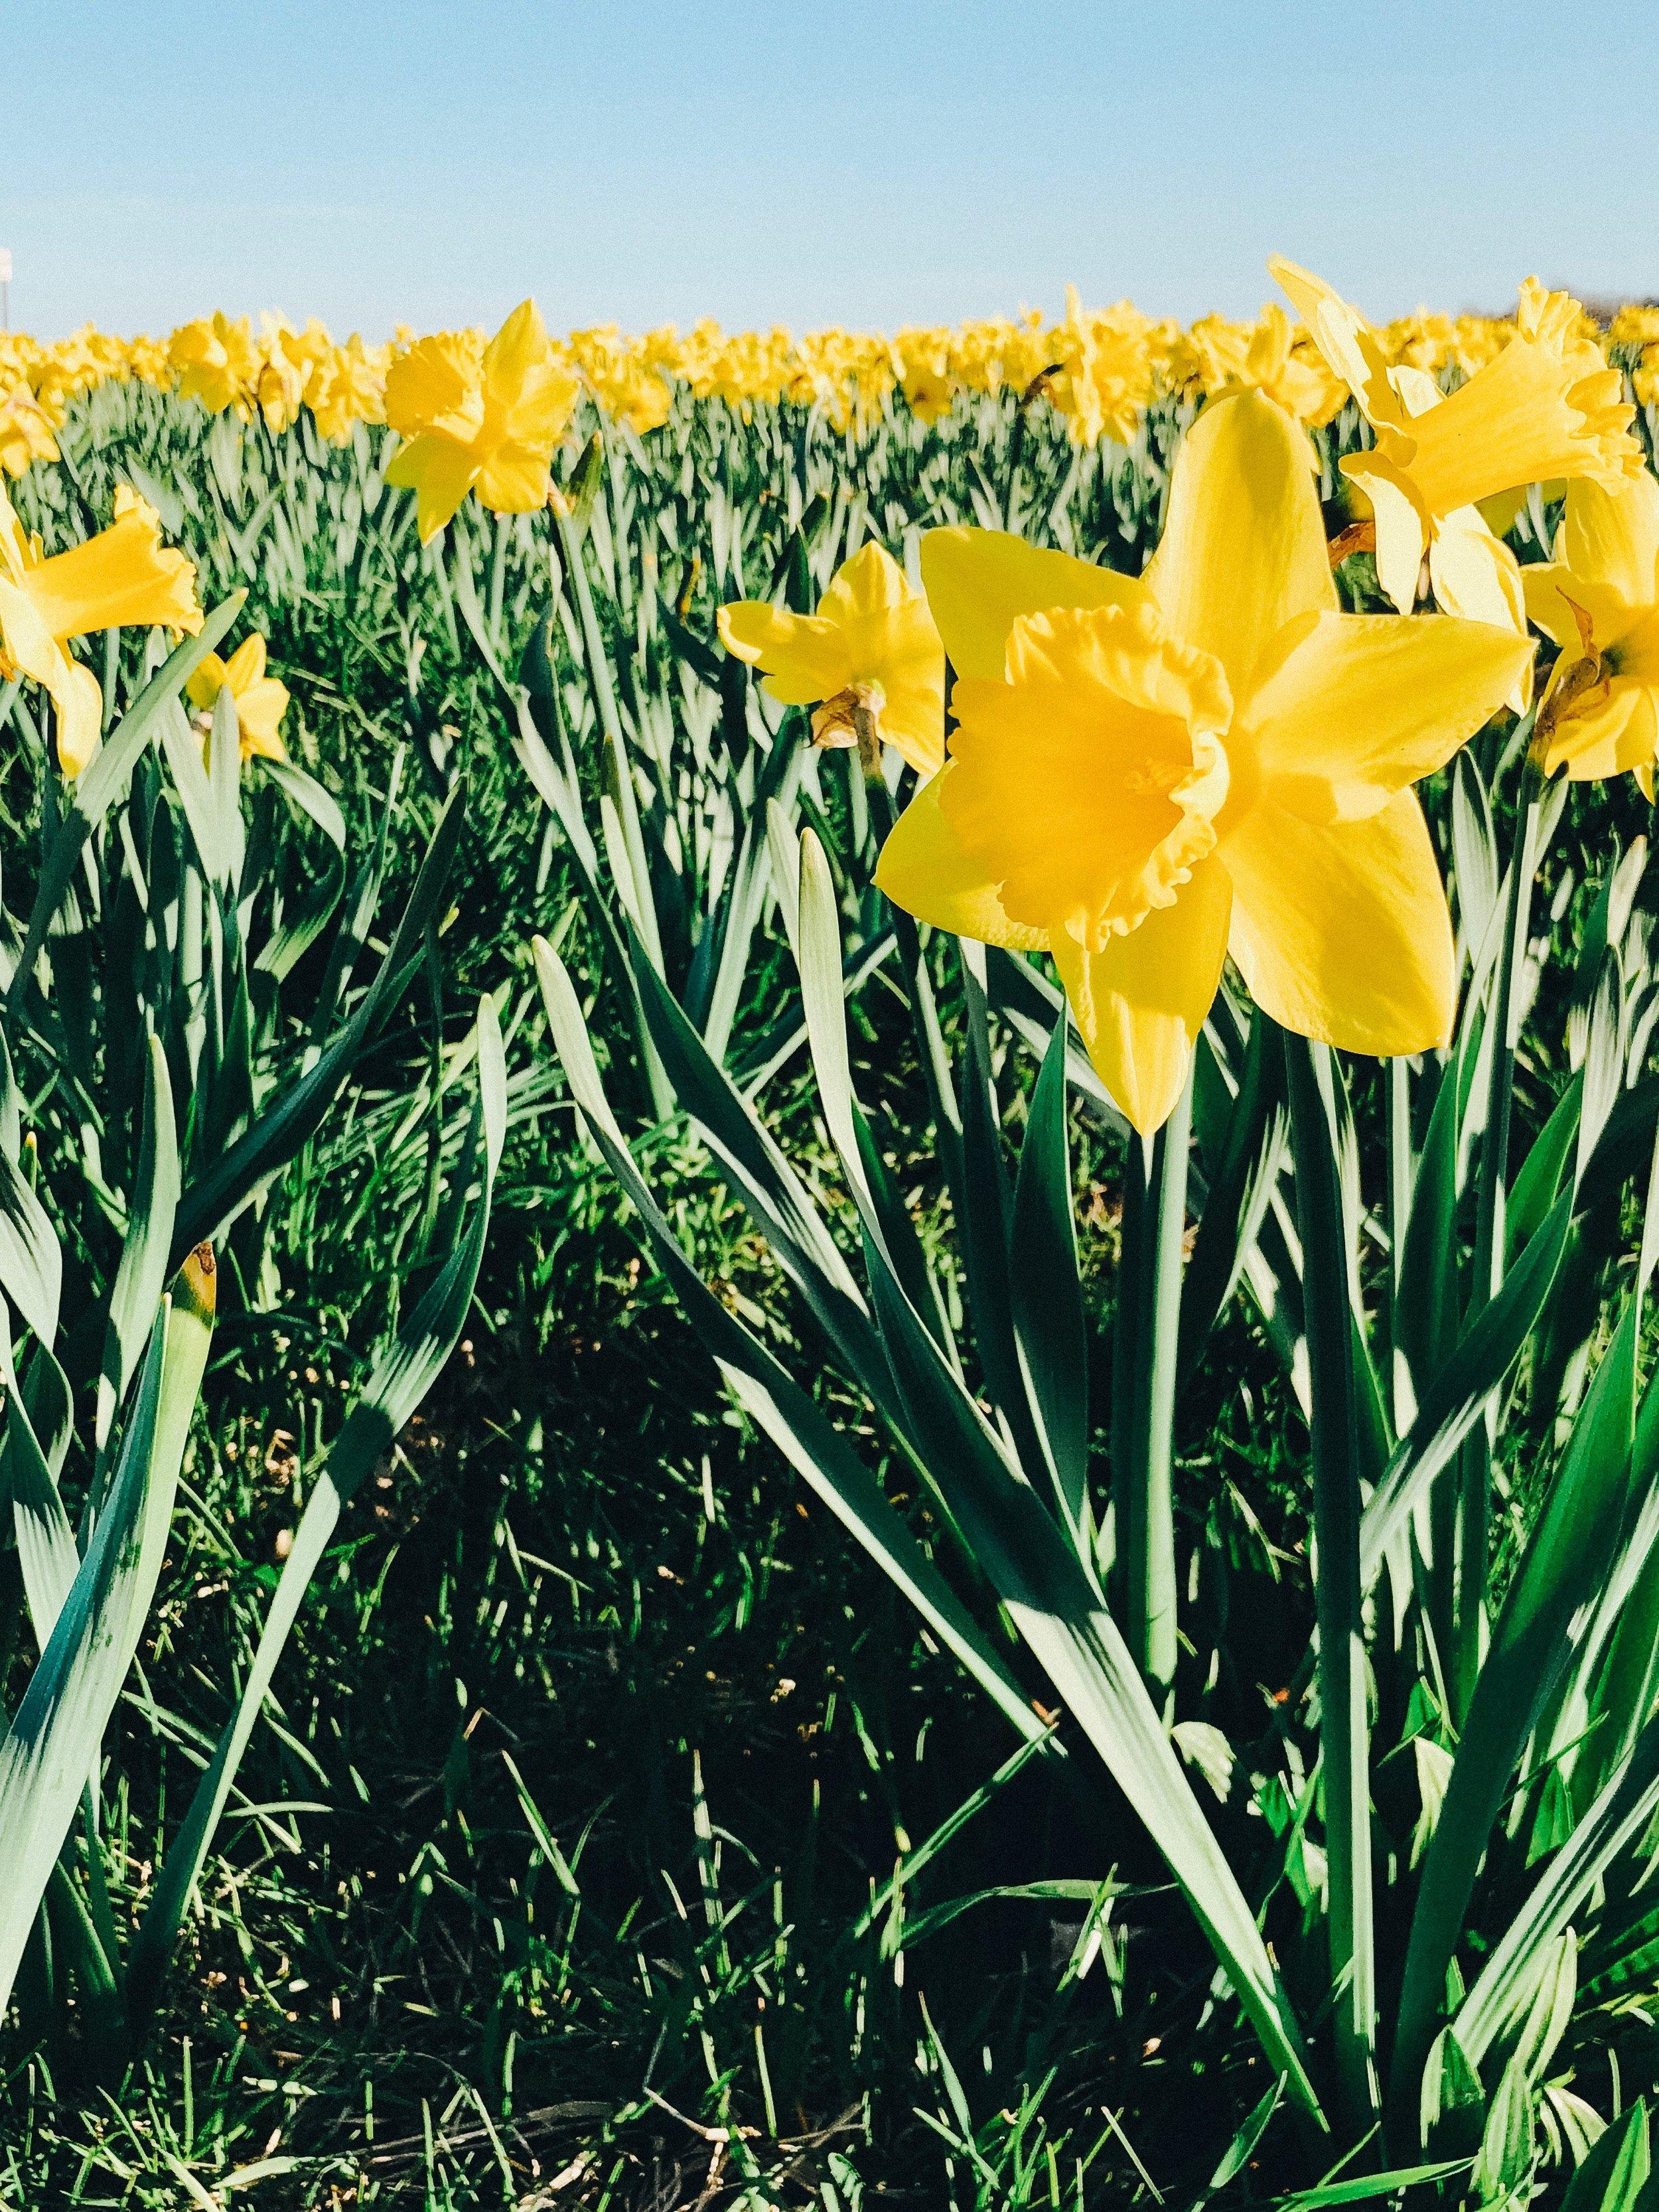 caitlin-elizabeth-james-Newport-Rhode-Islands-Daffodil-Days